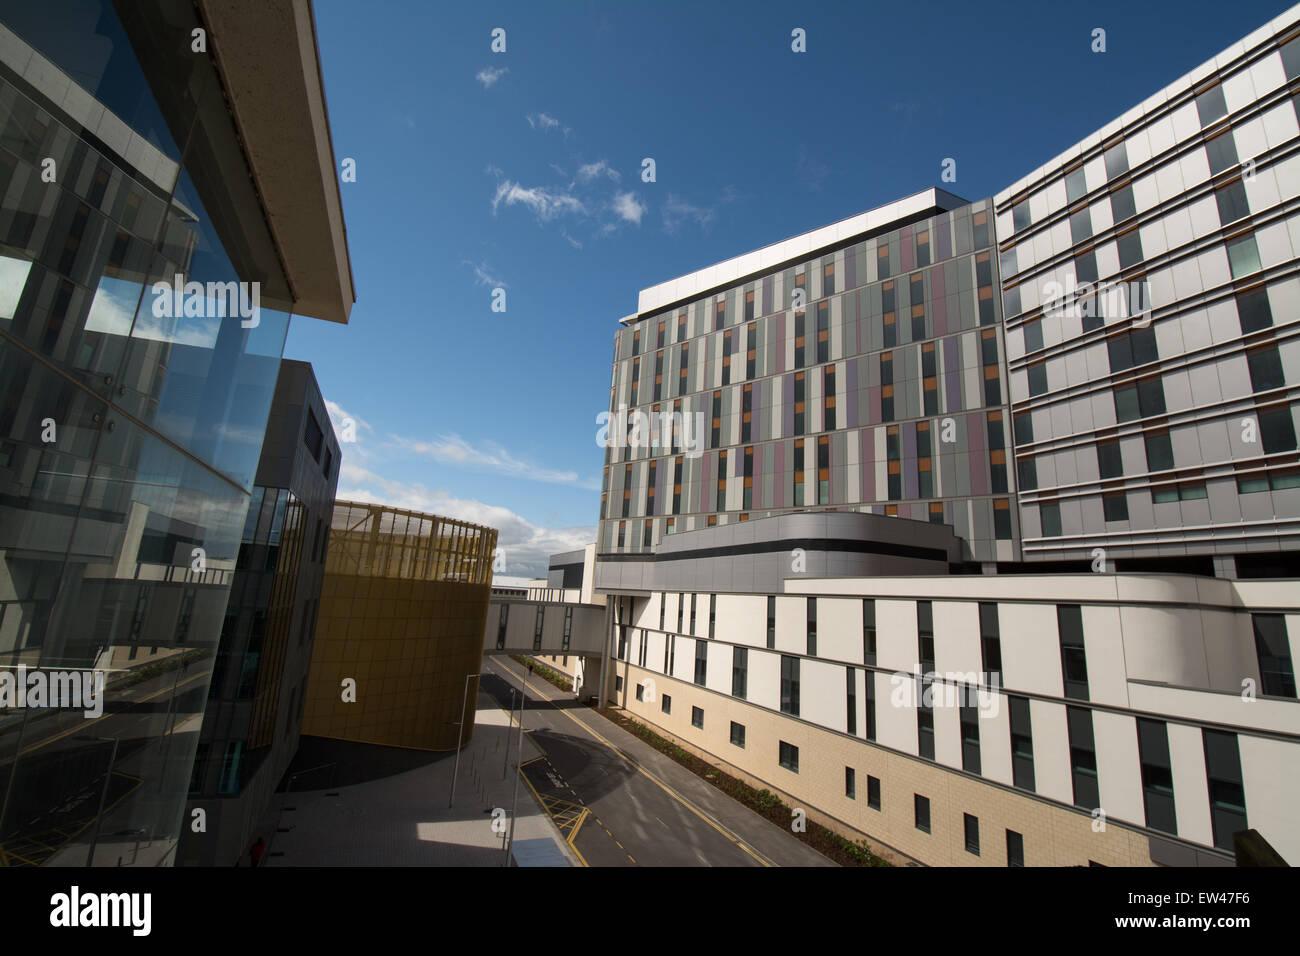 South Glasgow University Hospital - Stock Image